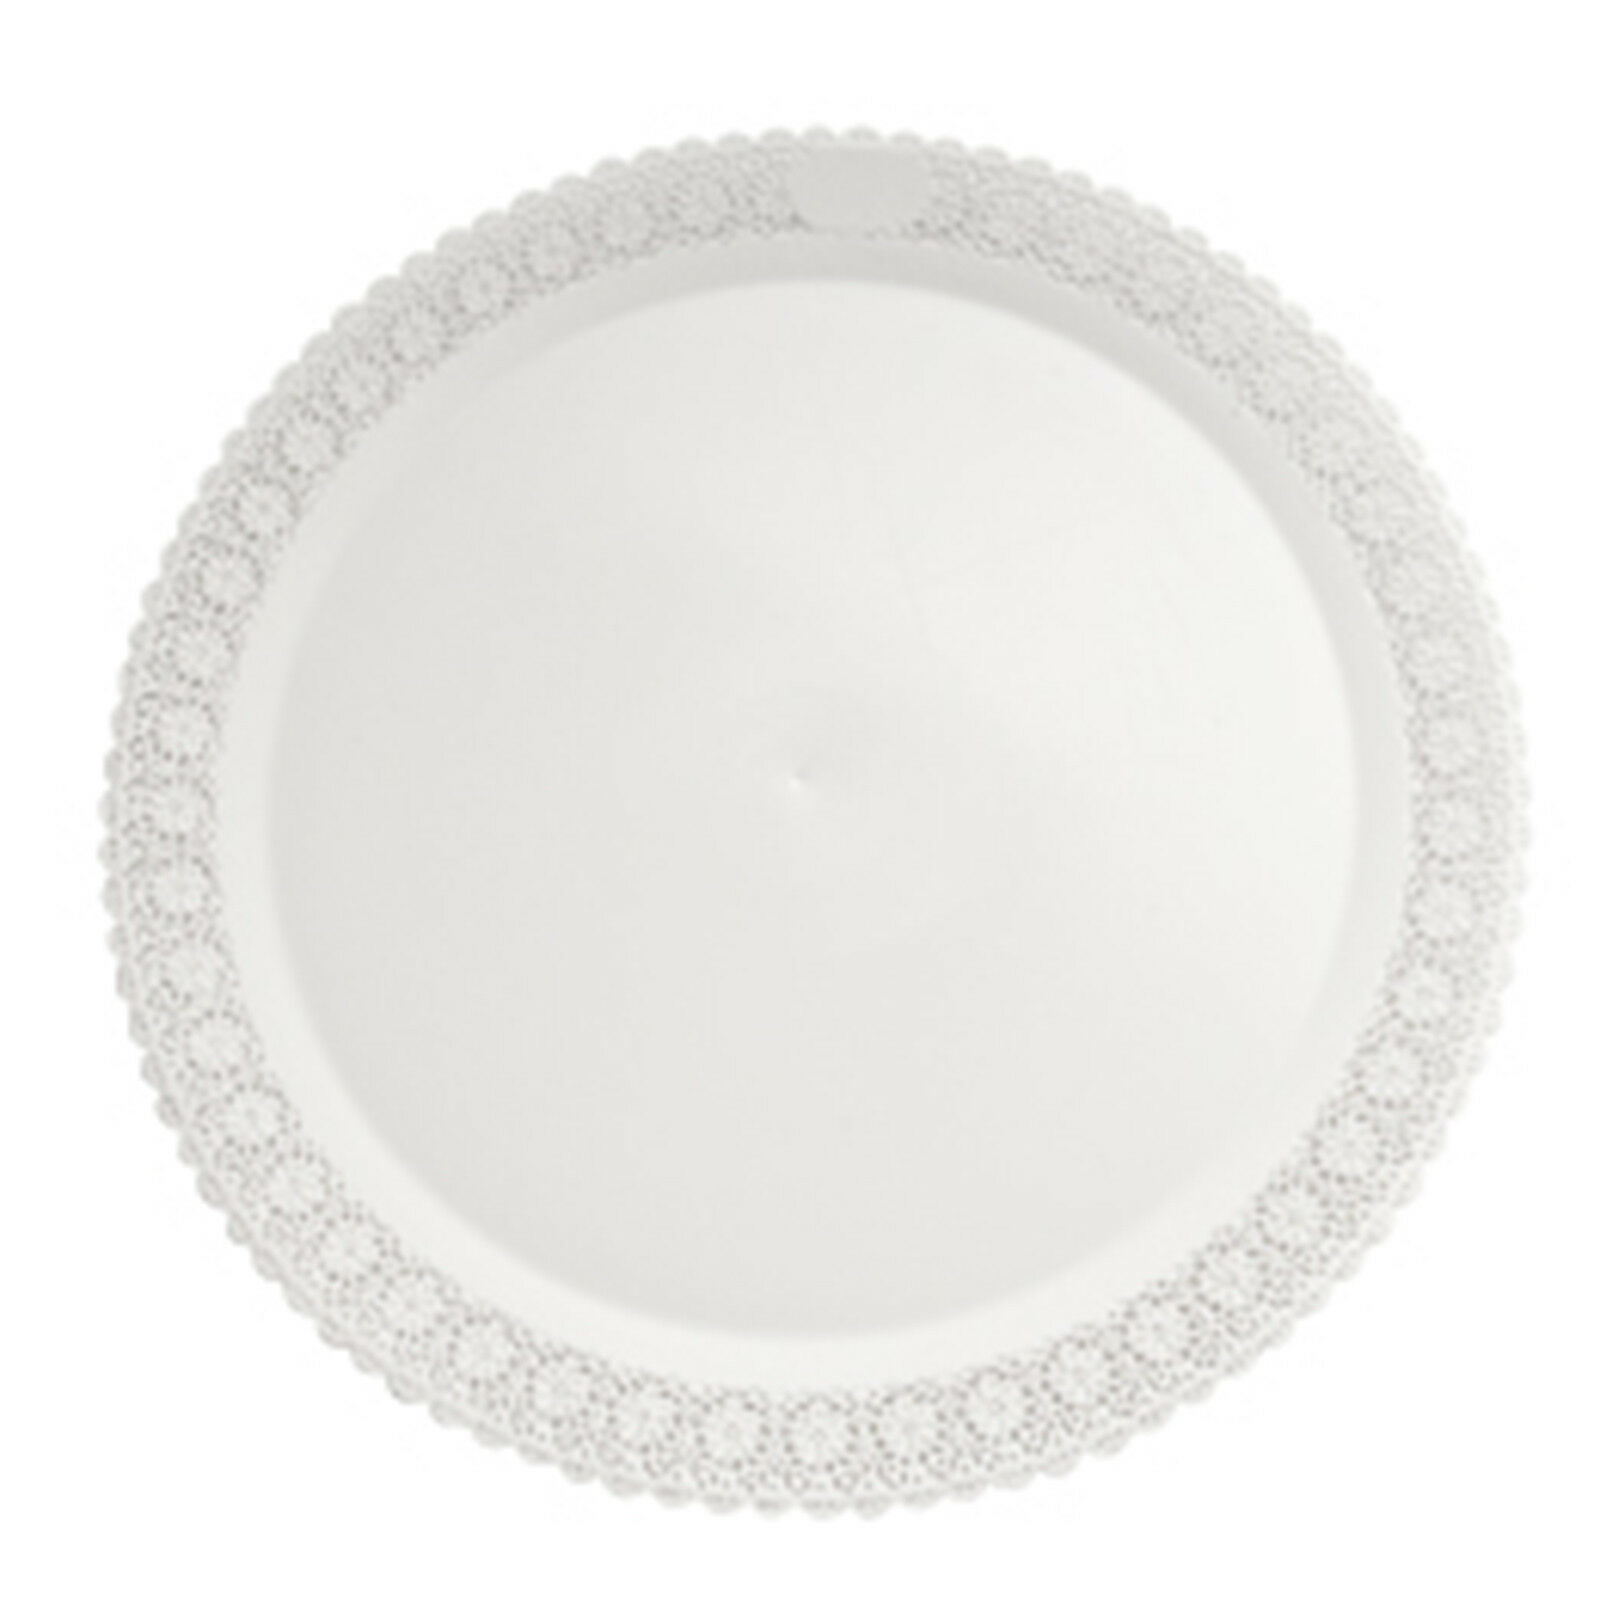 Mashers trondo 38 38 38 cm rossoondo bianco in plastica usa e getta che serve piatti – Confezione da 9 f547eb